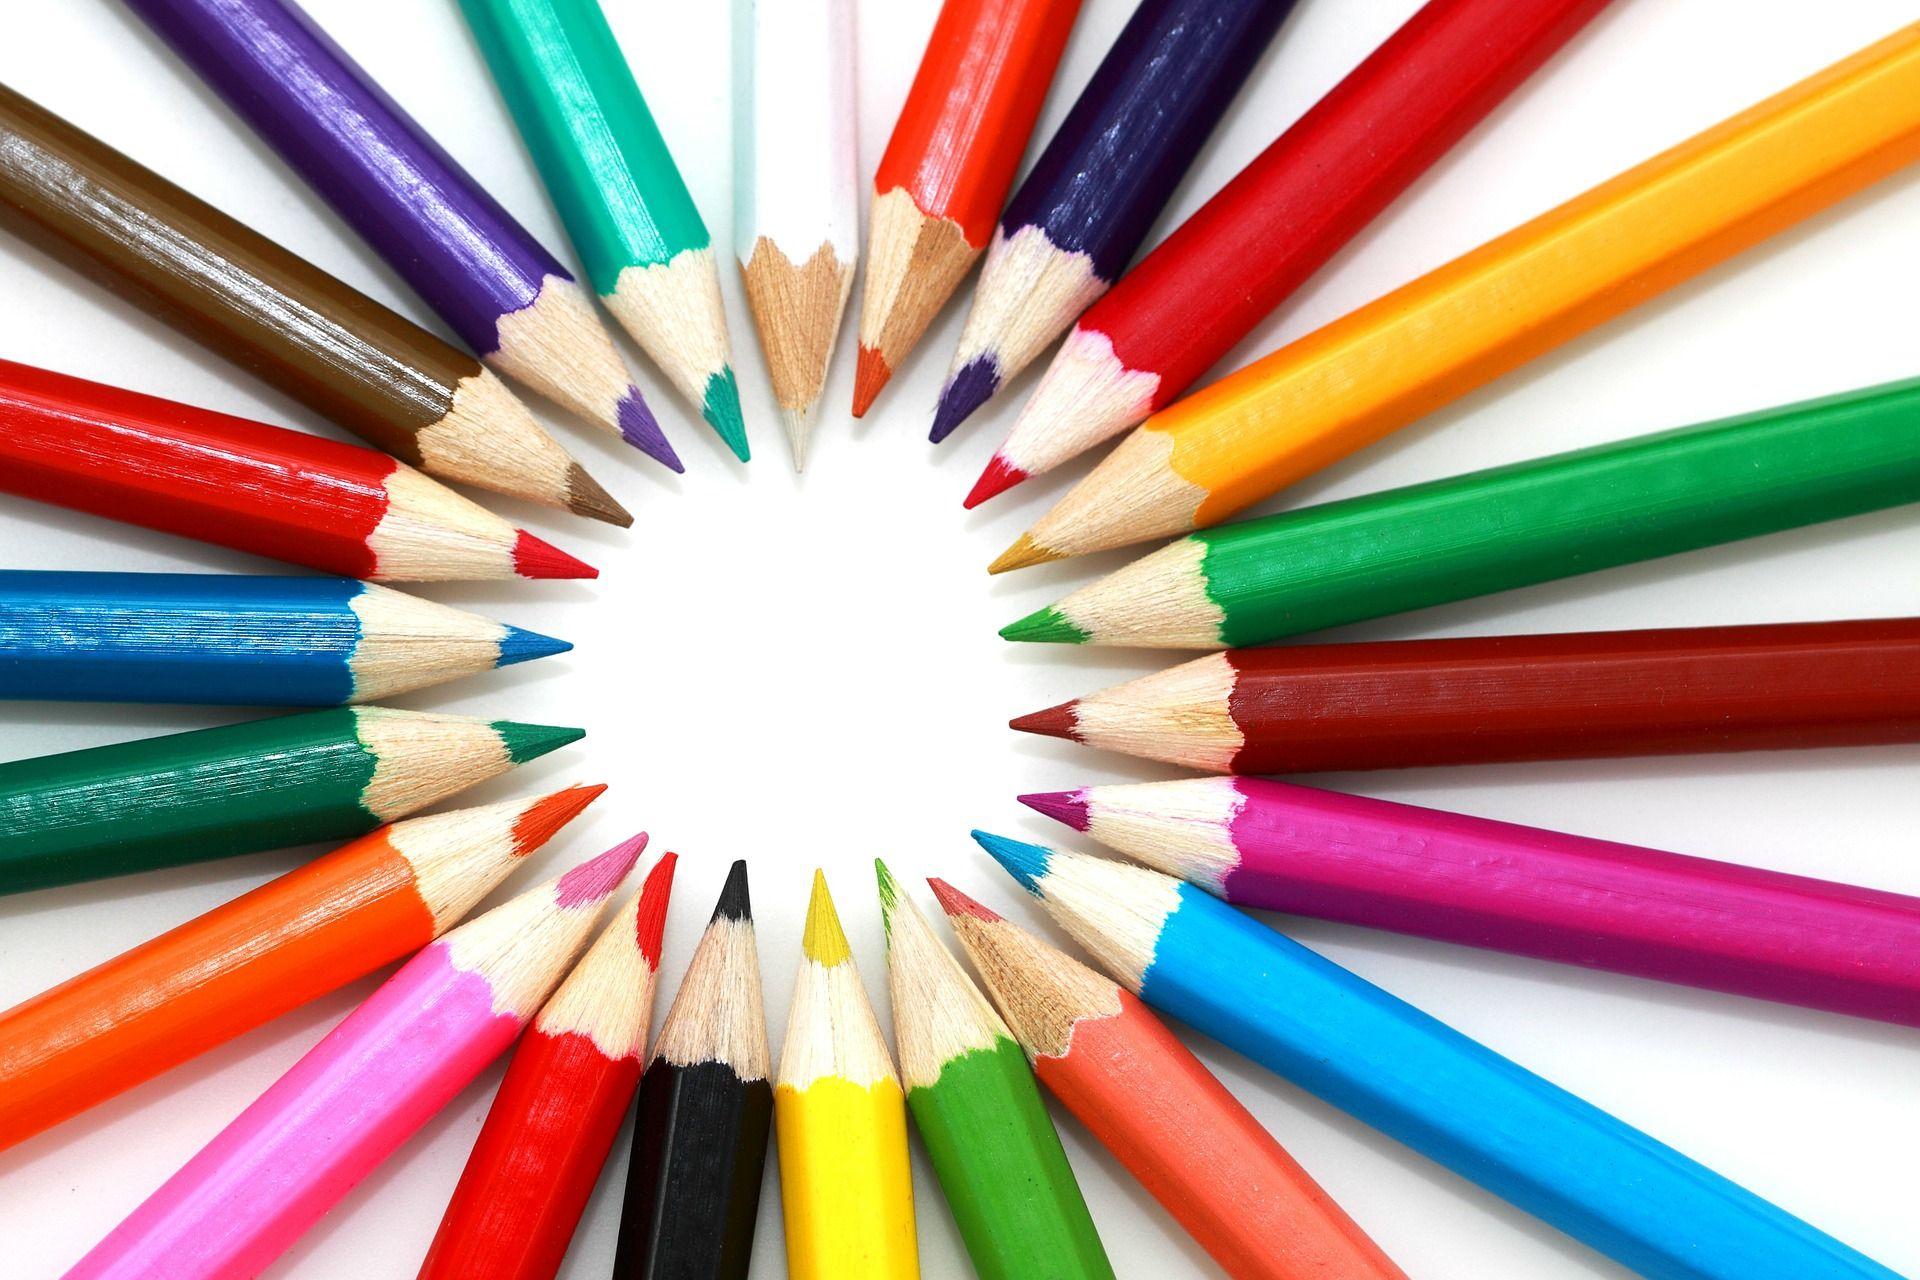 Čáry-máry na papieri, alebo básničky o farbách